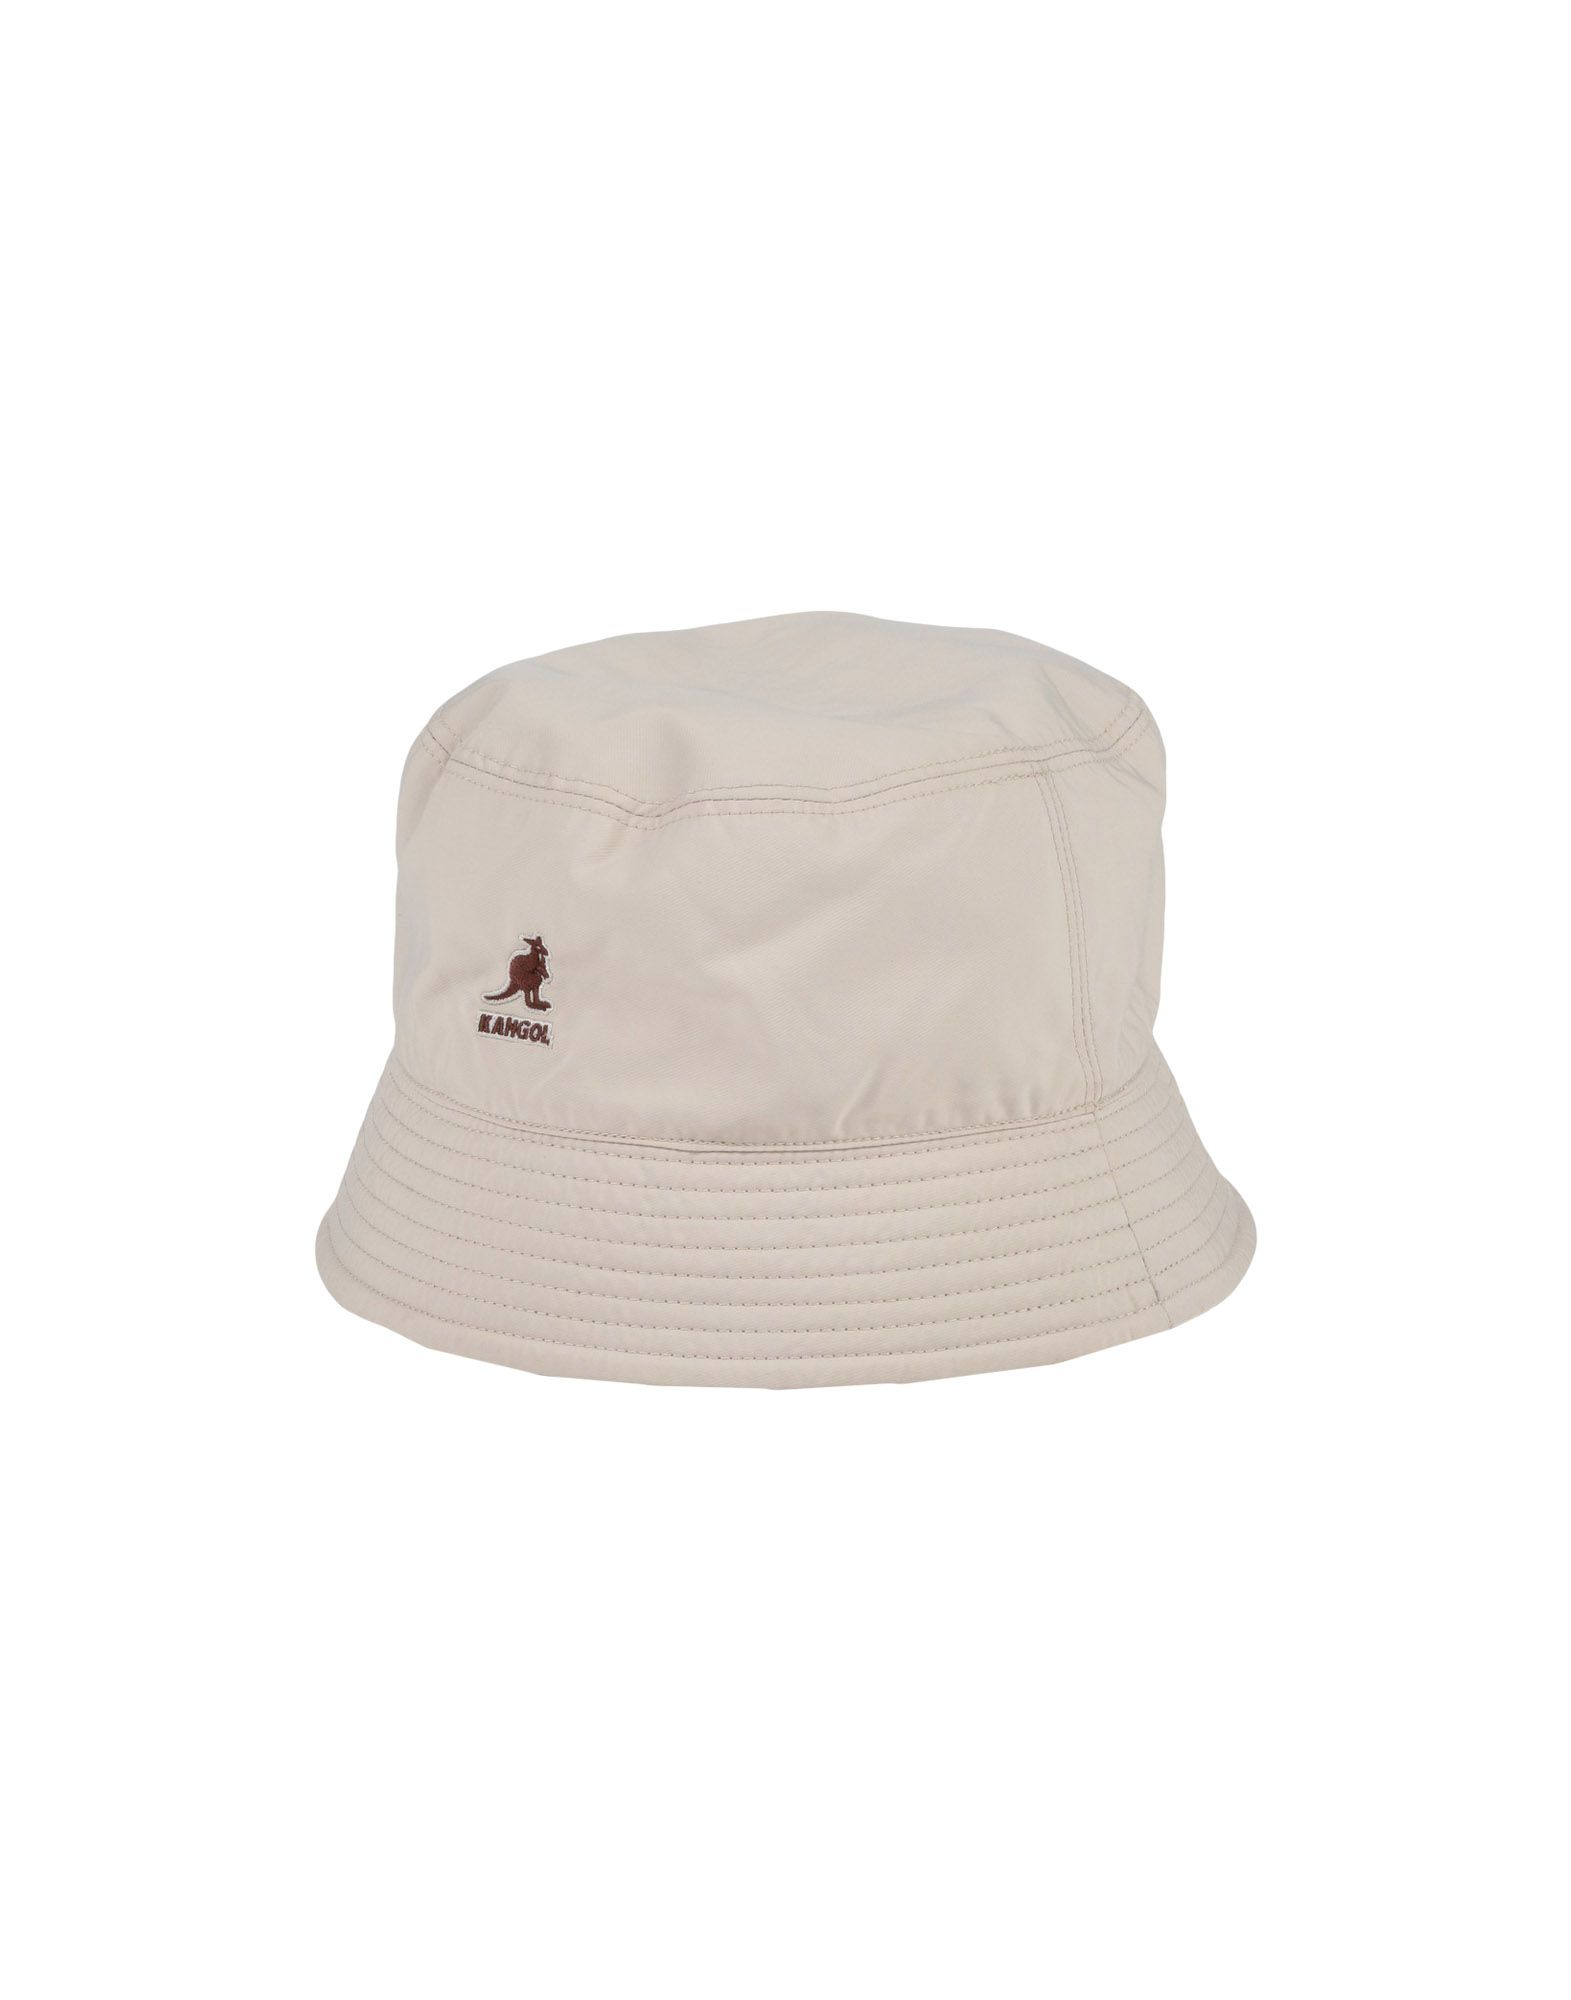 《2万円以上オーダーで送料無料》KANGOL メンズ 帽子 ベージュ M ポリエステル 100%